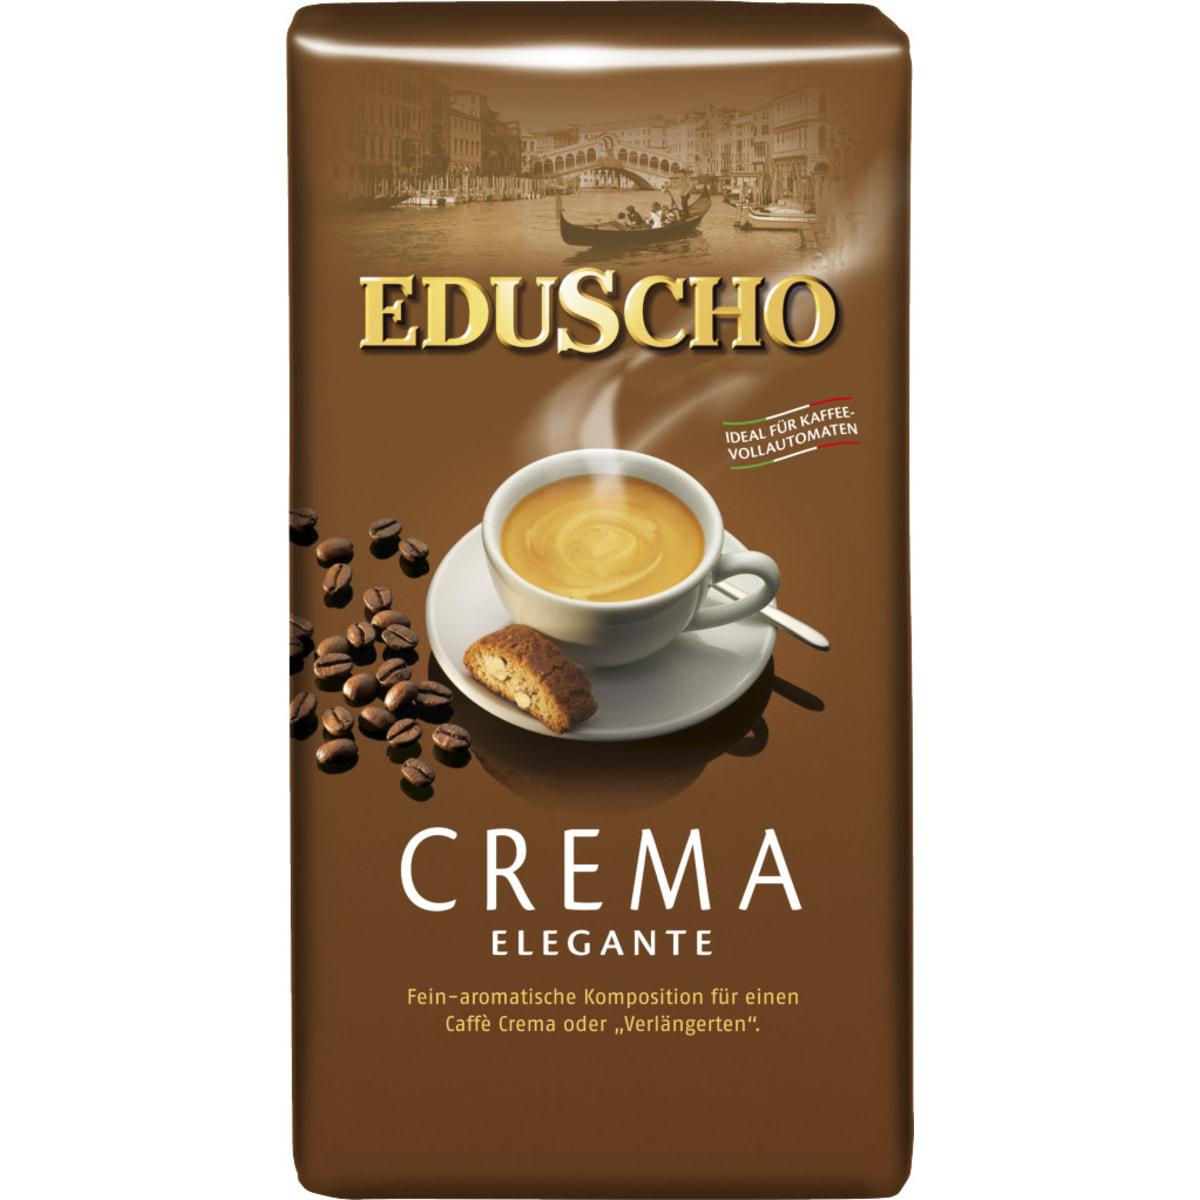 Eduscho Crema Elegante 1000gr.